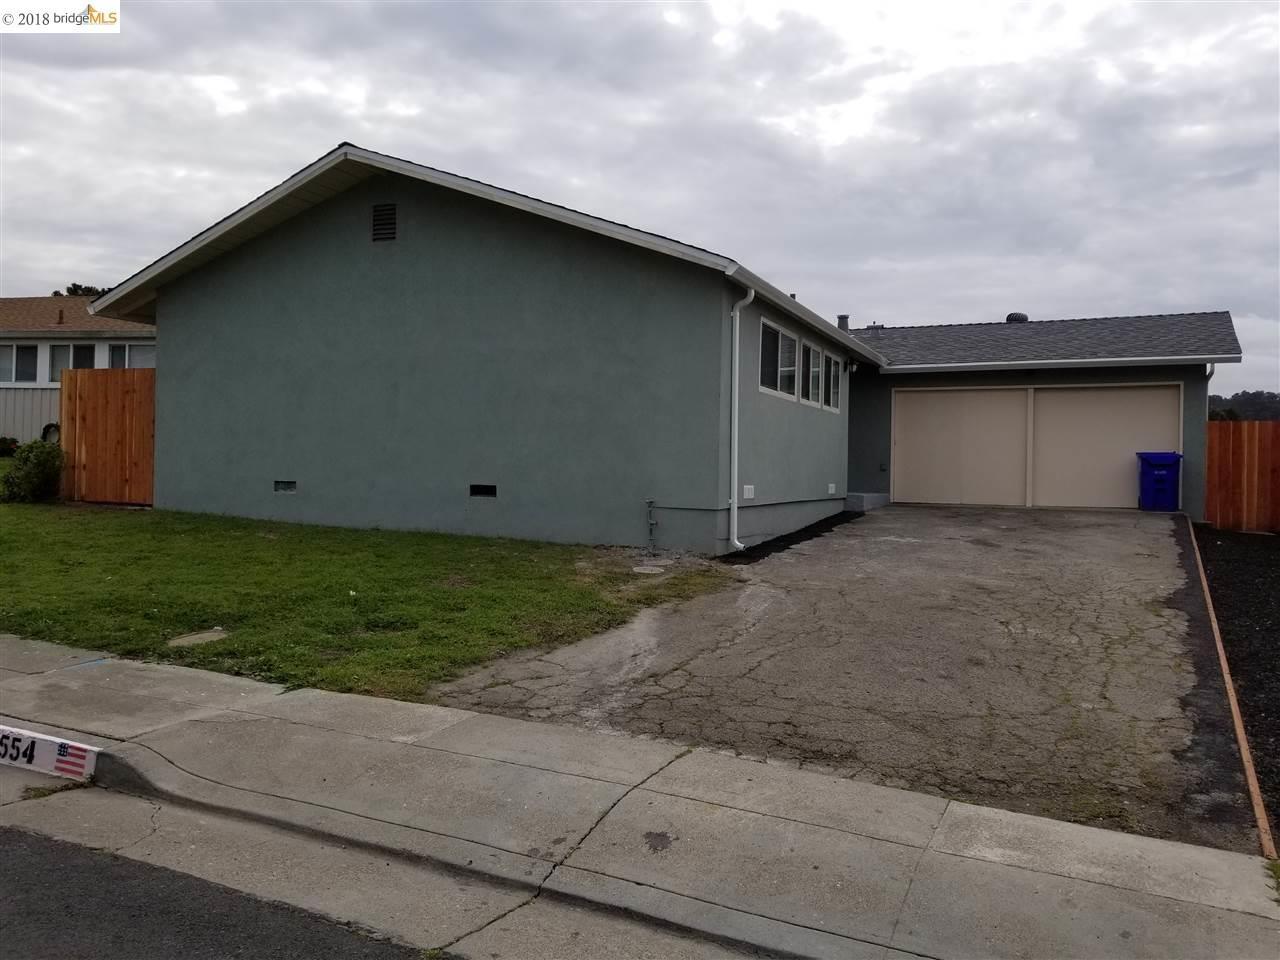 Частный односемейный дом для того Продажа на 2554 Duke Avenue 2554 Duke Avenue Richmond, Калифорния 94806 Соединенные Штаты